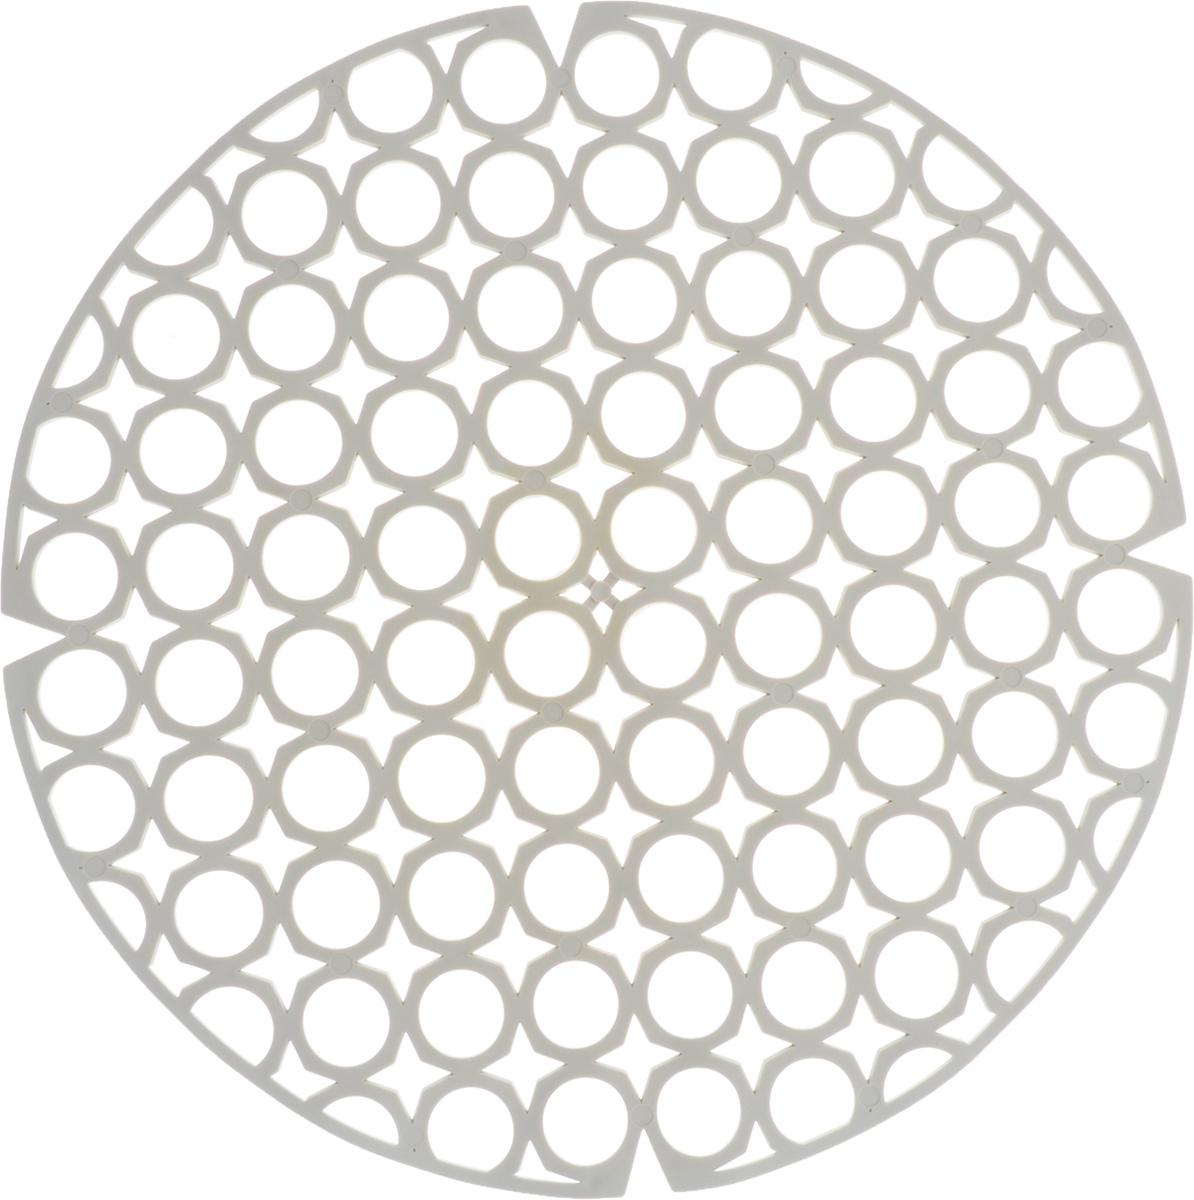 Коврик для раковины York, цвет: светло-серый, диаметр 27,5 см9560/095600_светло-серыйСтильный и удобный коврик для раковины York изготовлен из сложных полимеров. Он одновременно выполняет несколько функций: украшает, защищает мойку от царапин и сколов, смягчает удары при падении посуды в мойку. Коврик также можно использовать для сушки посуды, фруктов и овощей. Он легко очищается от грязи и жира. Диаметр: 27,5 см.